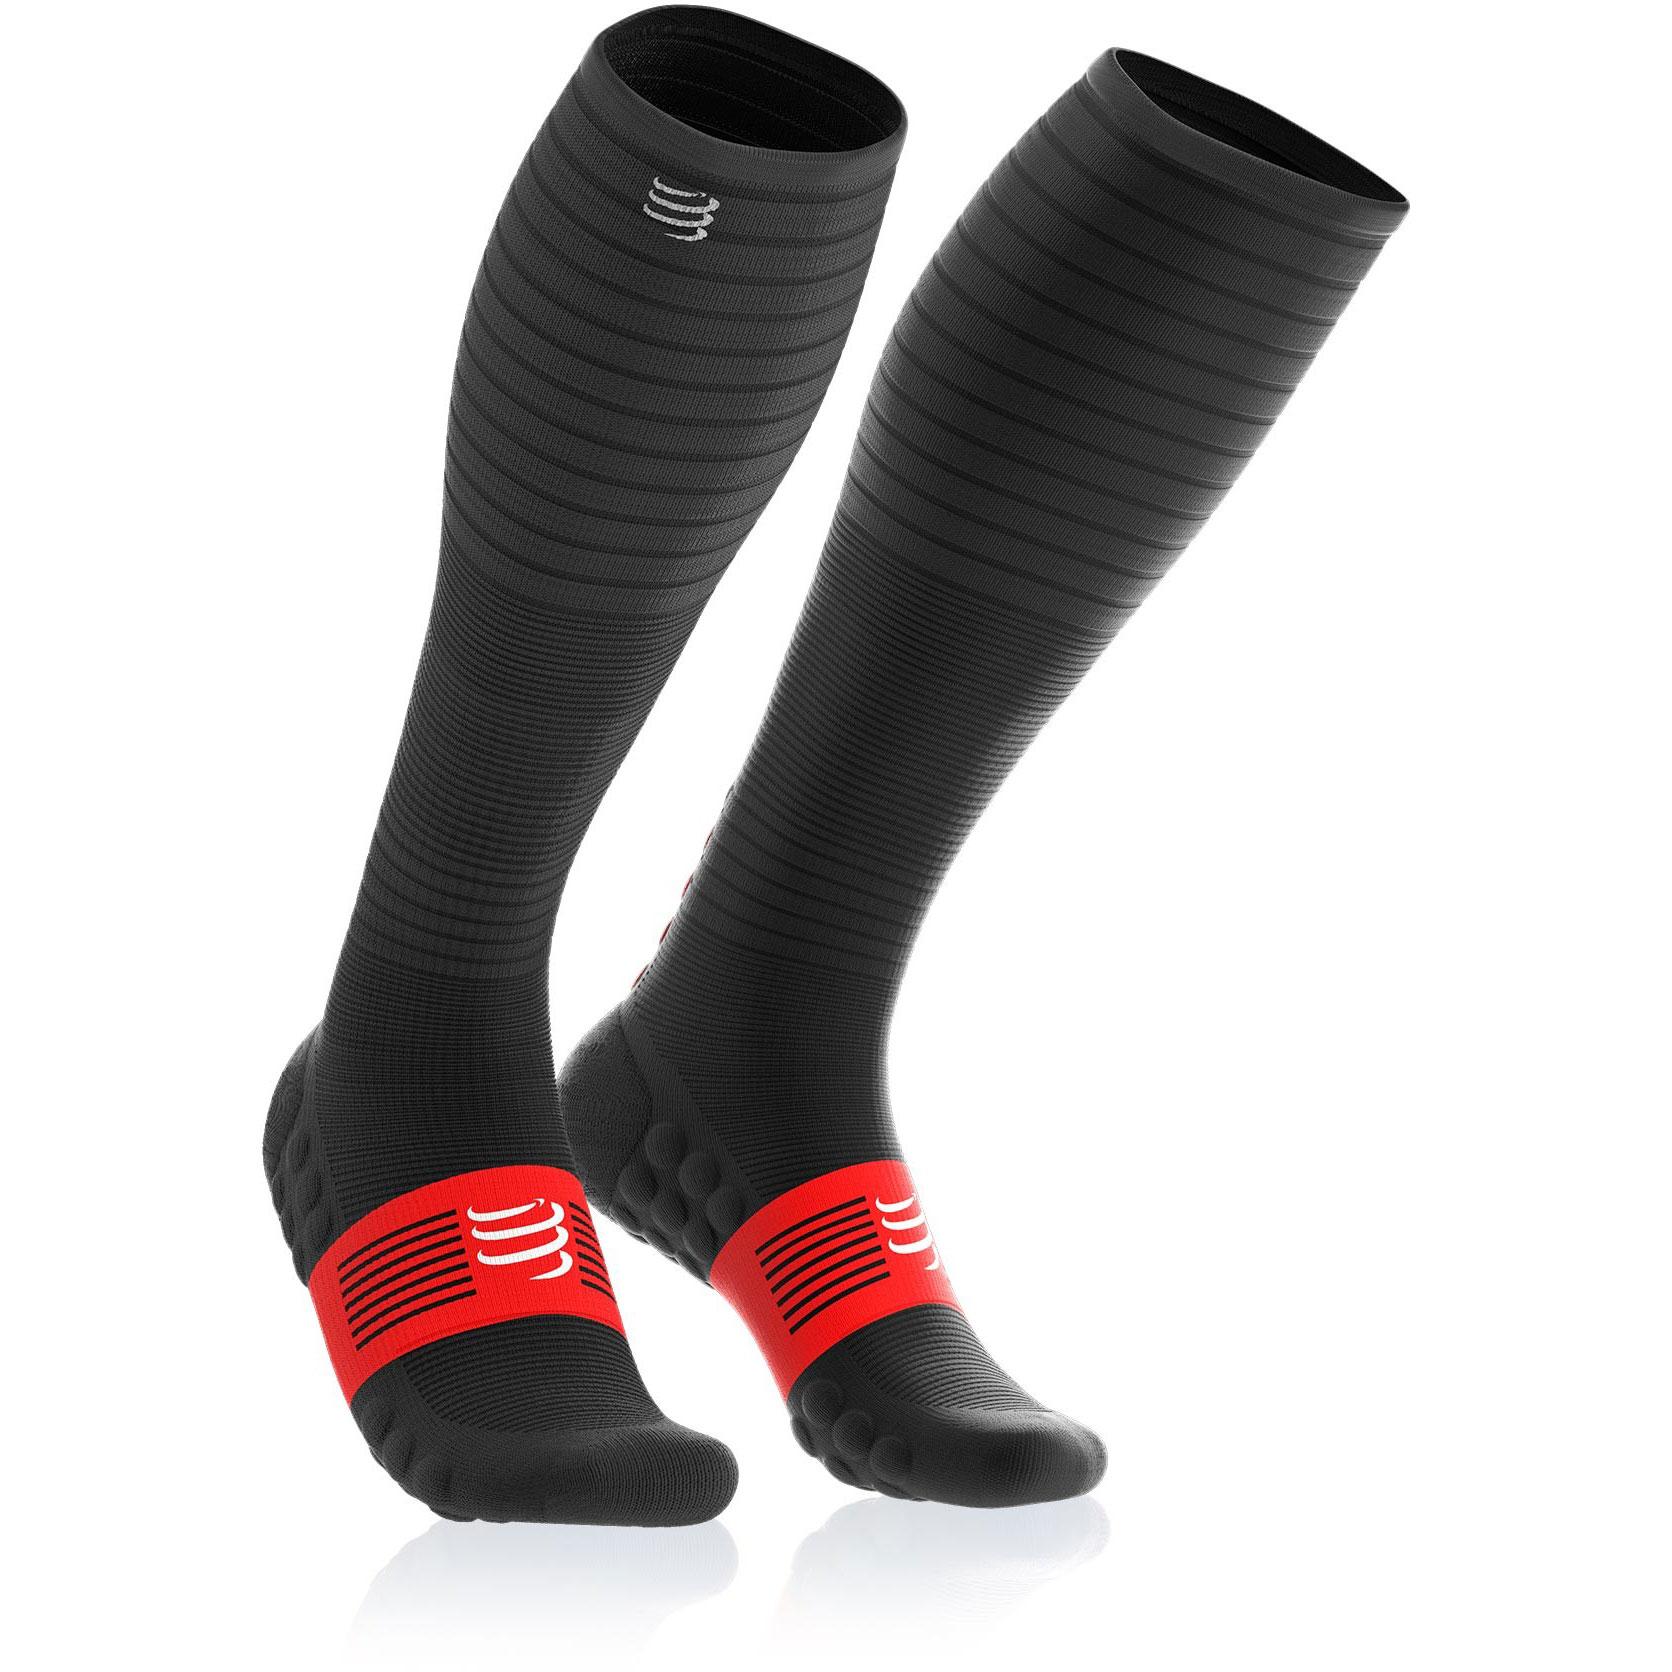 Гольфы компрессионные Compressport Full Socks Oxygen